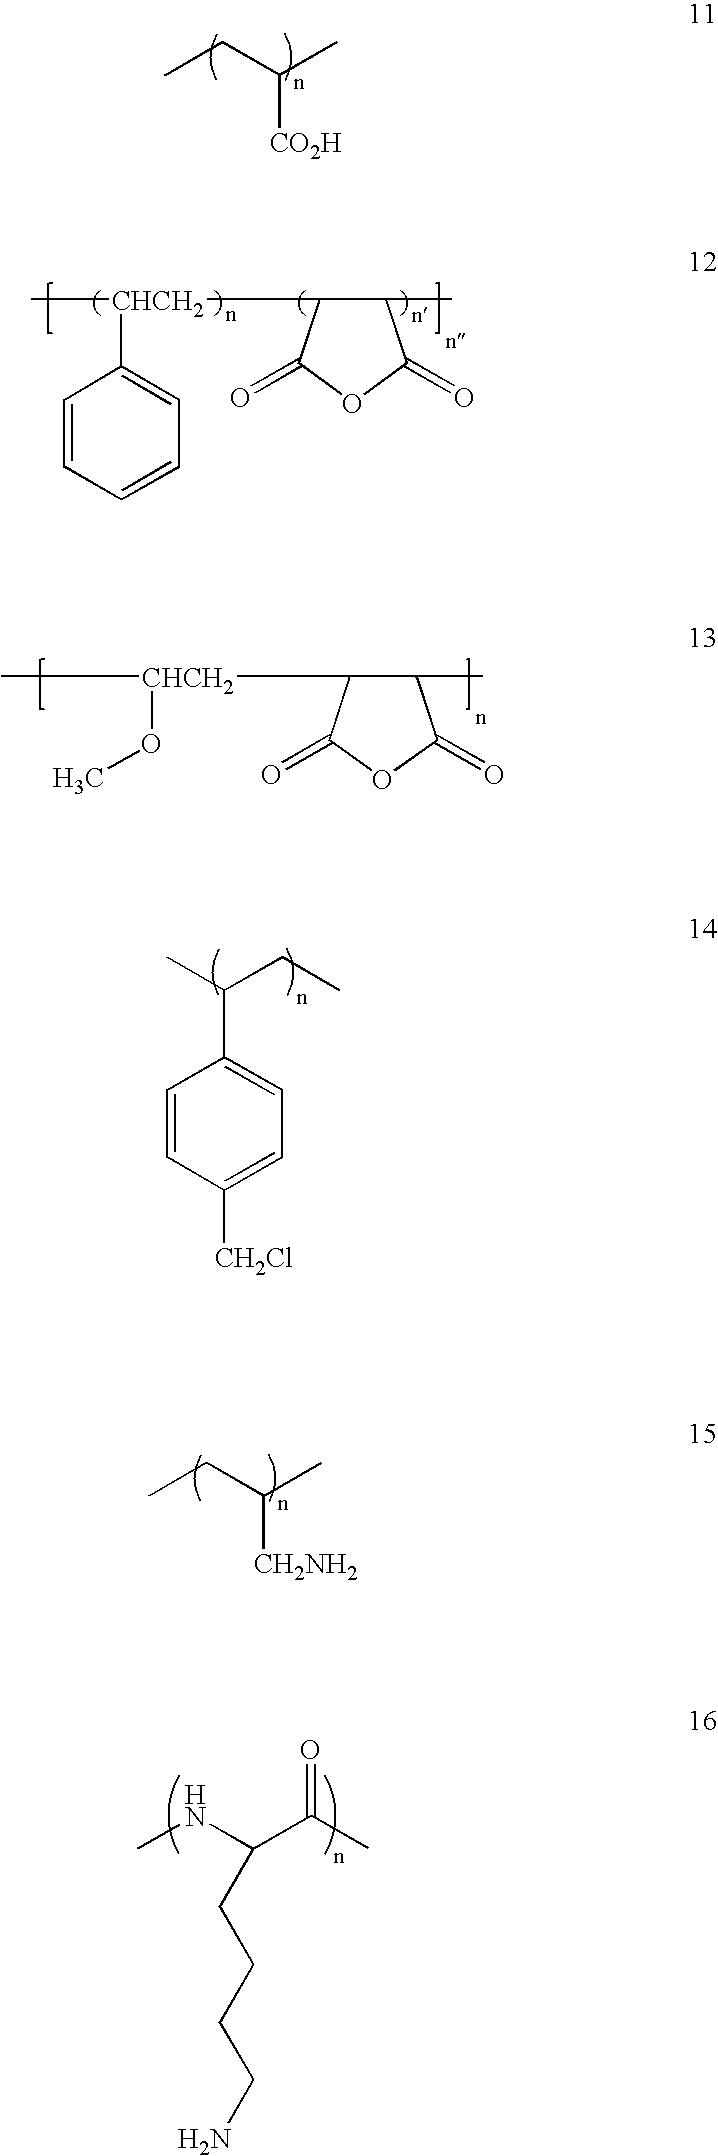 Figure US07090756-20060815-C00027